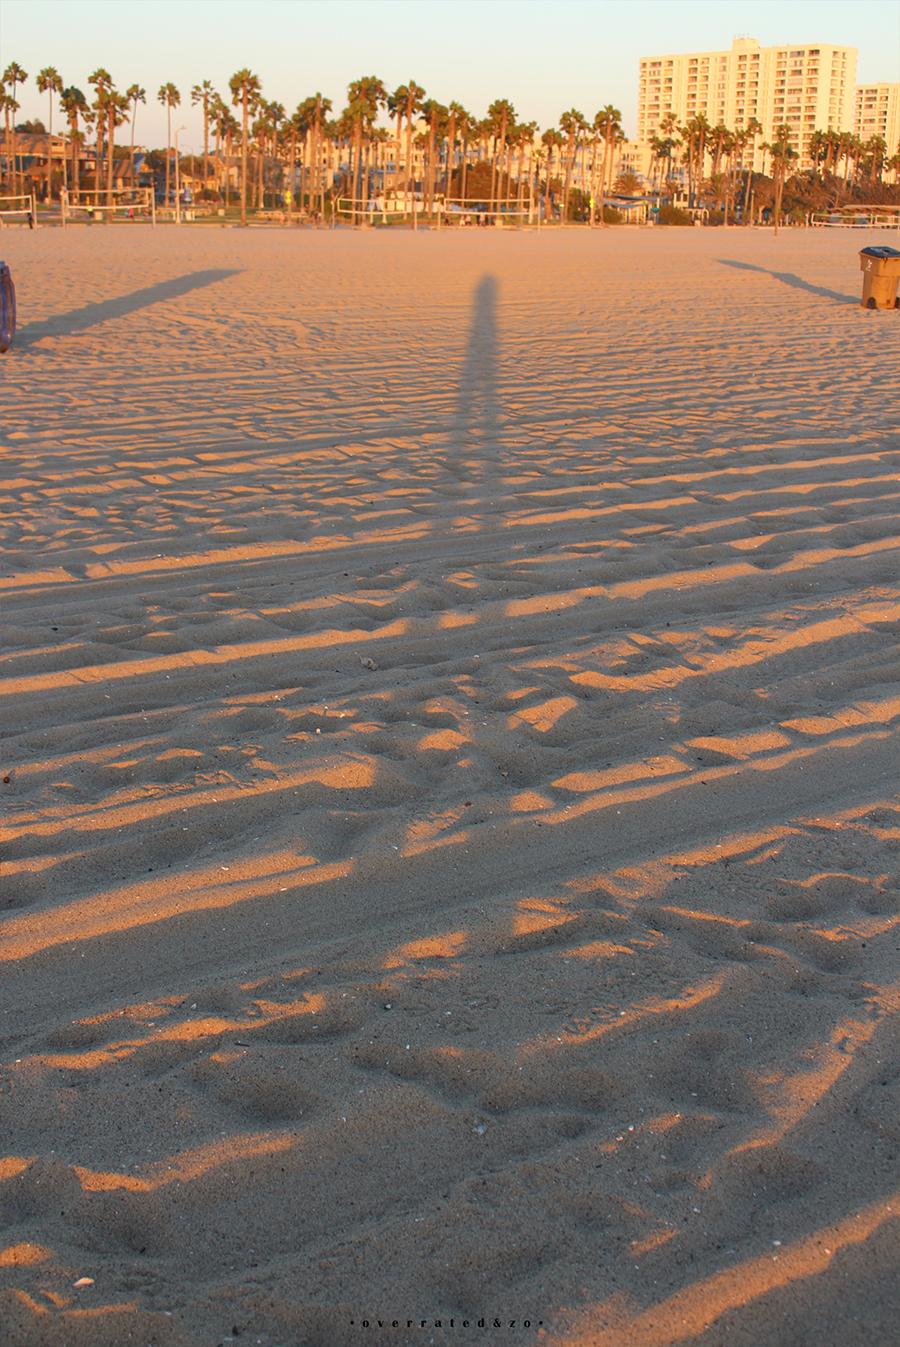 shadow2 Suzanne Dirne overratedenzo